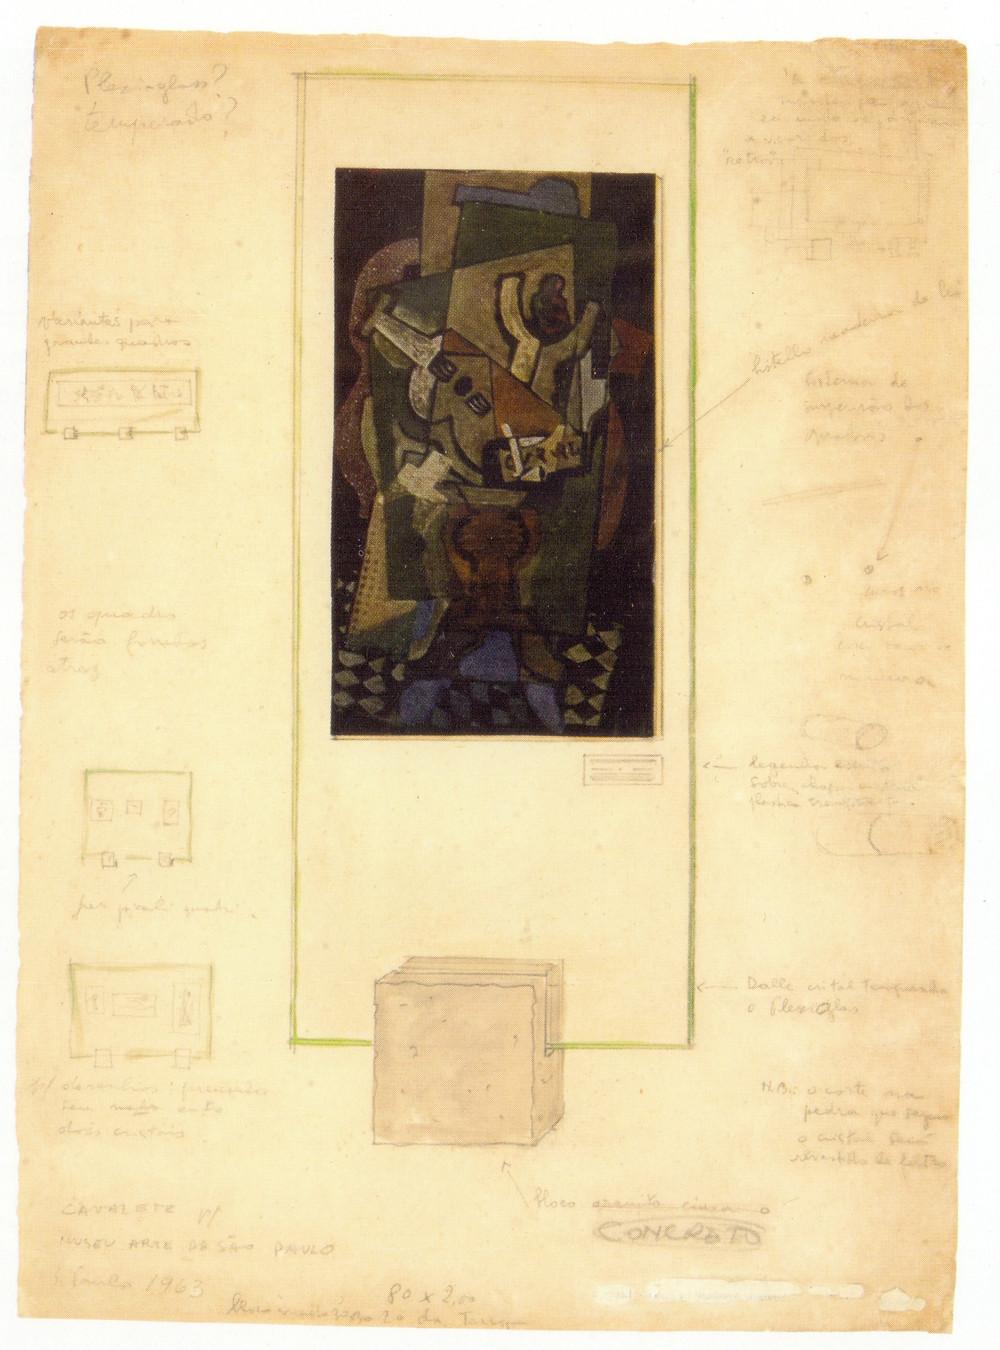 Fig. 1. Croqui com estudo para os Cavaletes de Vidro, Lina Bo Bardi, 1963.